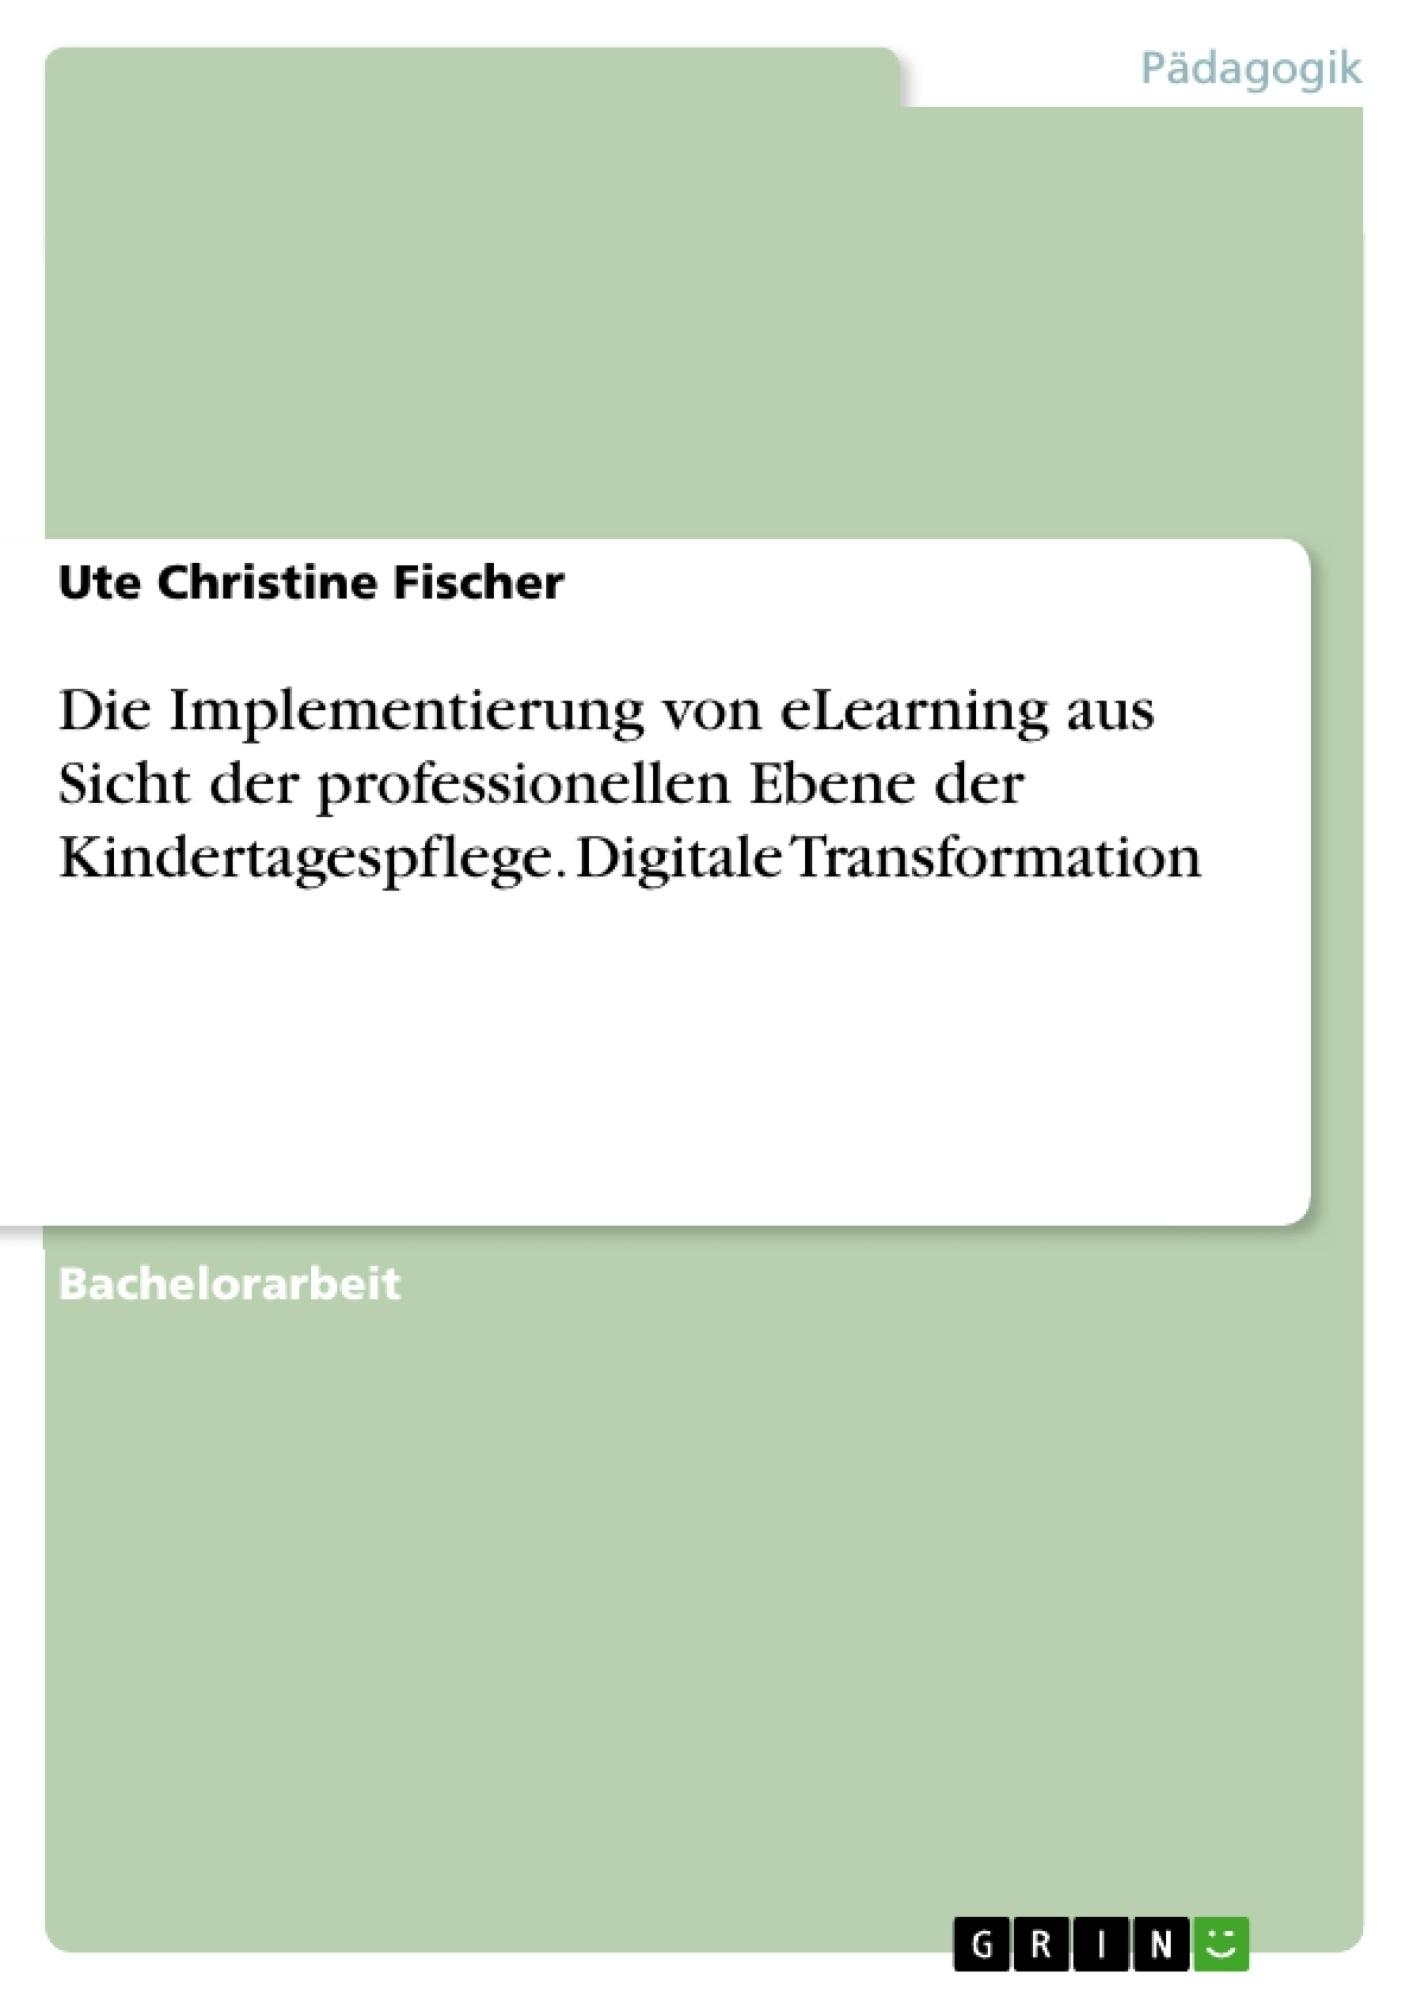 Titel: Die Implementierung von eLearning aus Sicht der professionellen Ebene der Kindertagespflege. Digitale Transformation